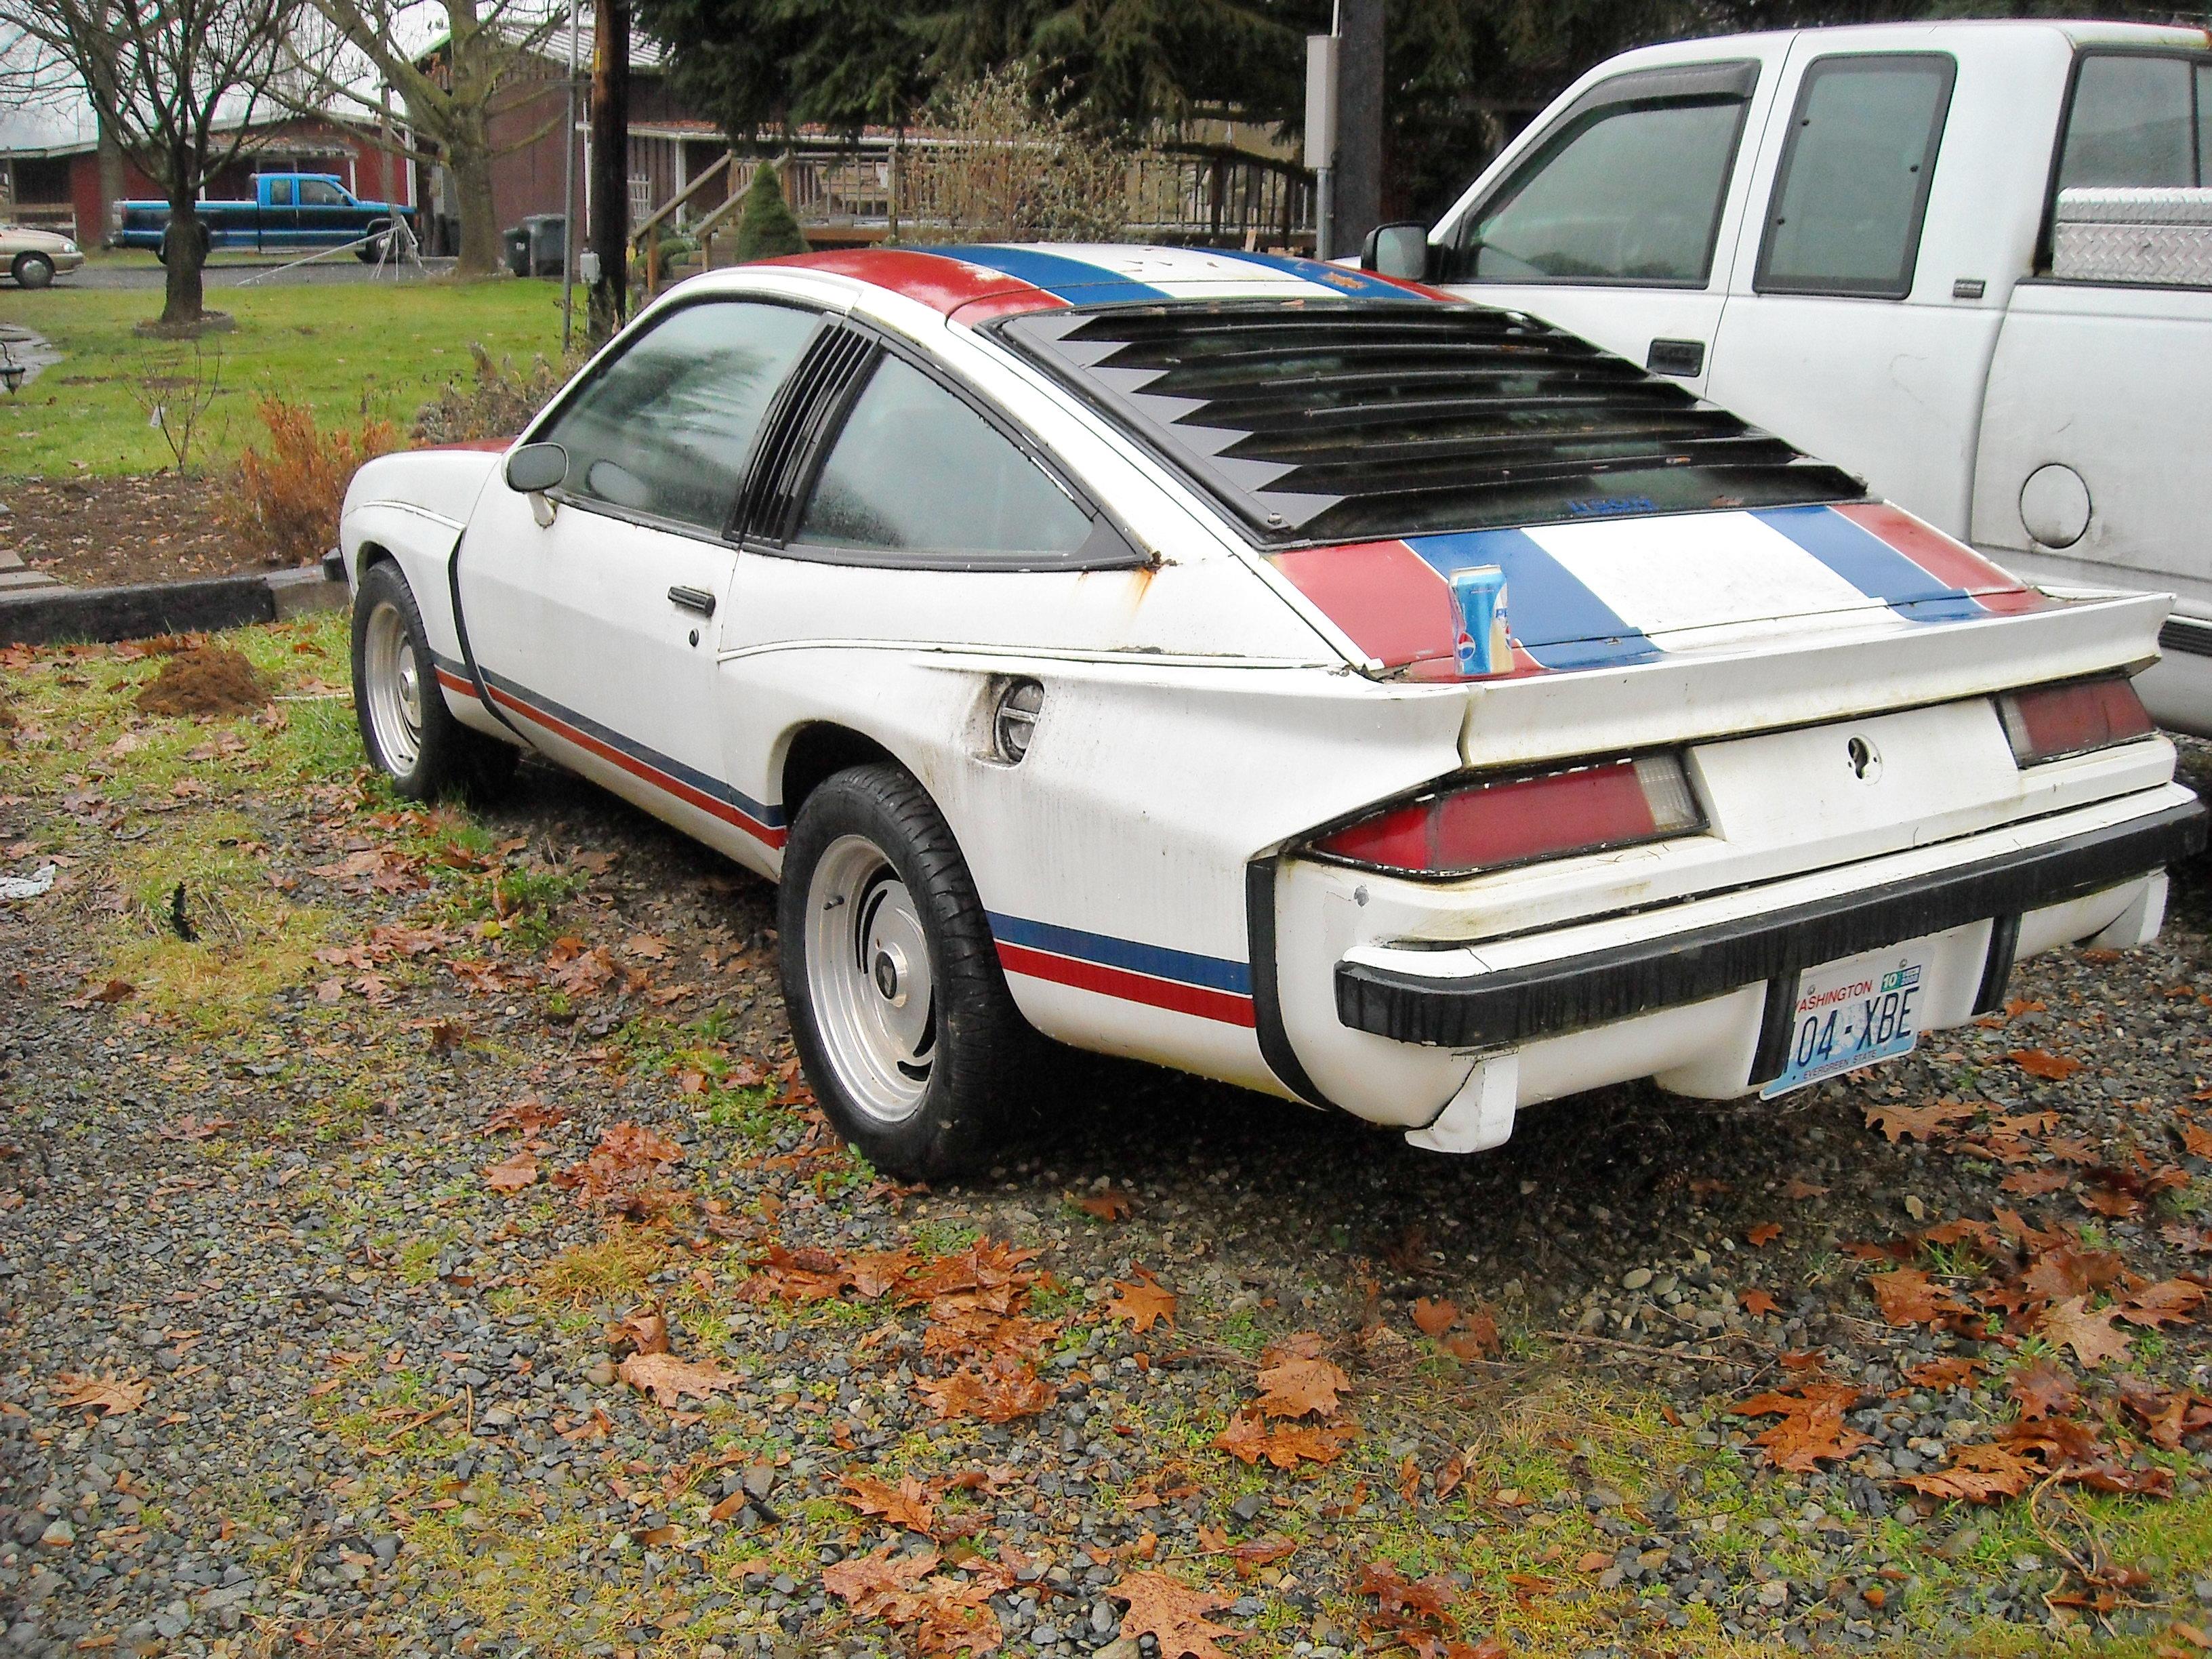 1977 Monza For Sale Craigslist   Autos Post